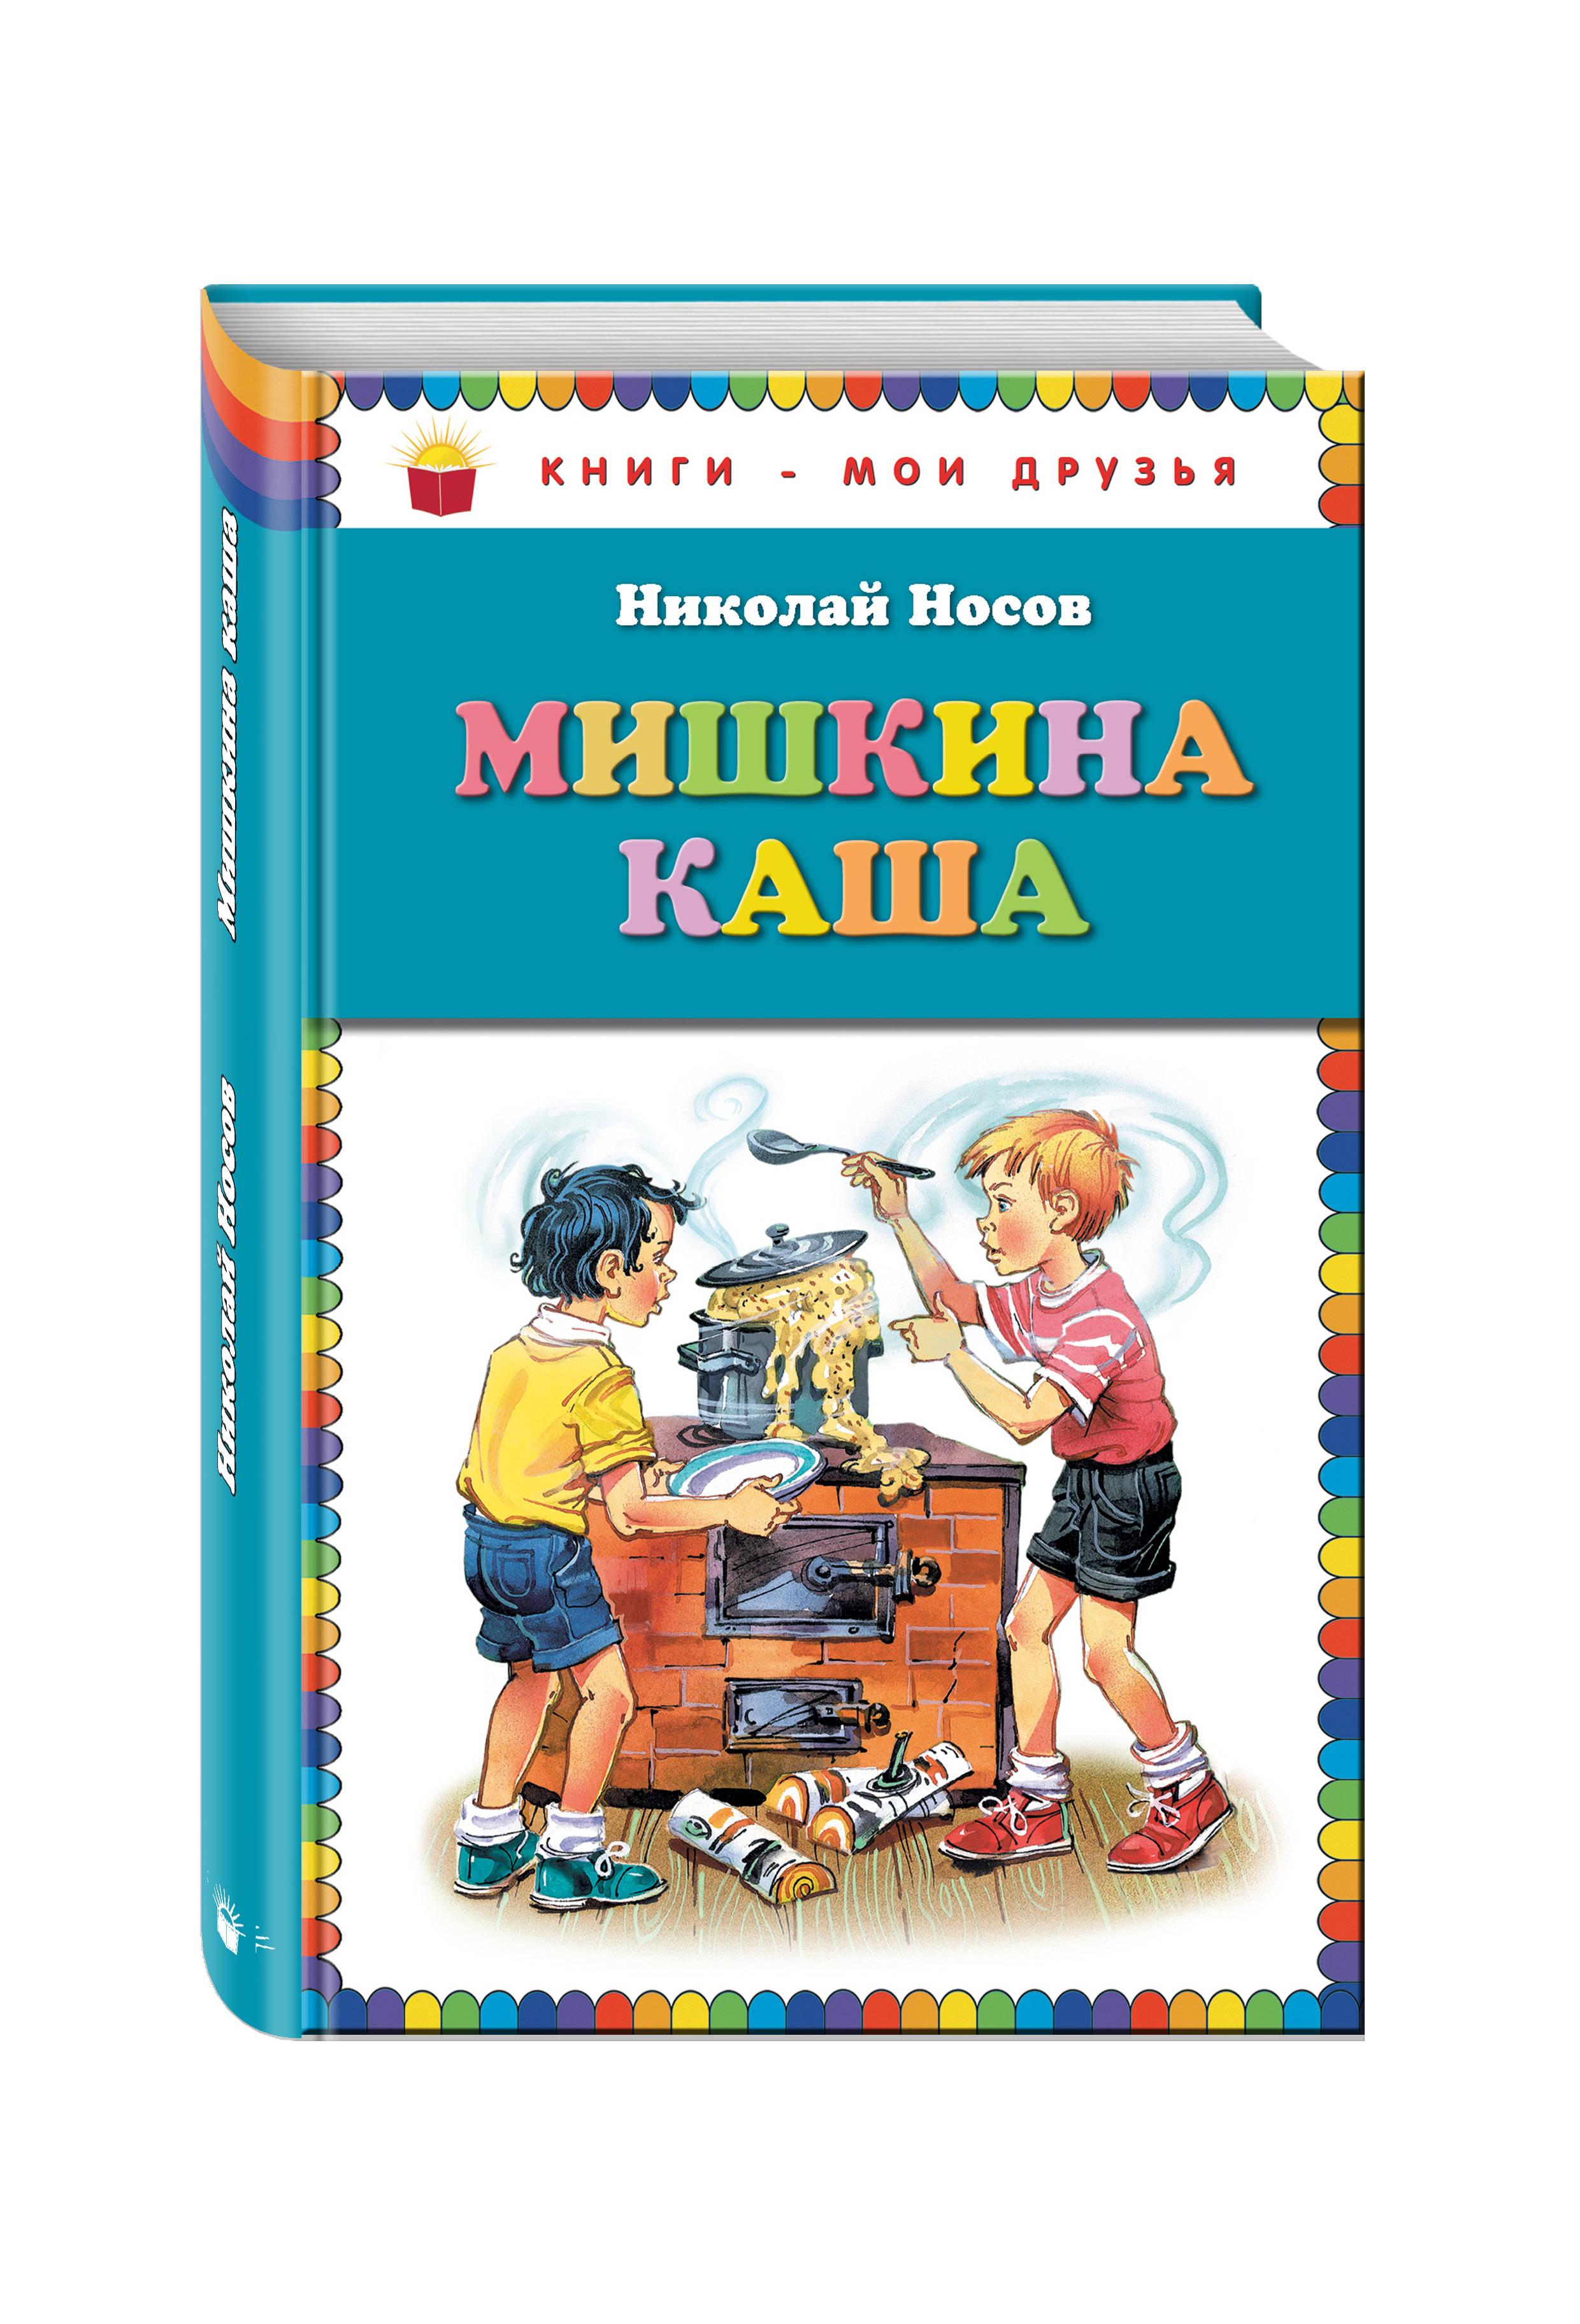 Мишкина каша_(ил. В. Канивца)